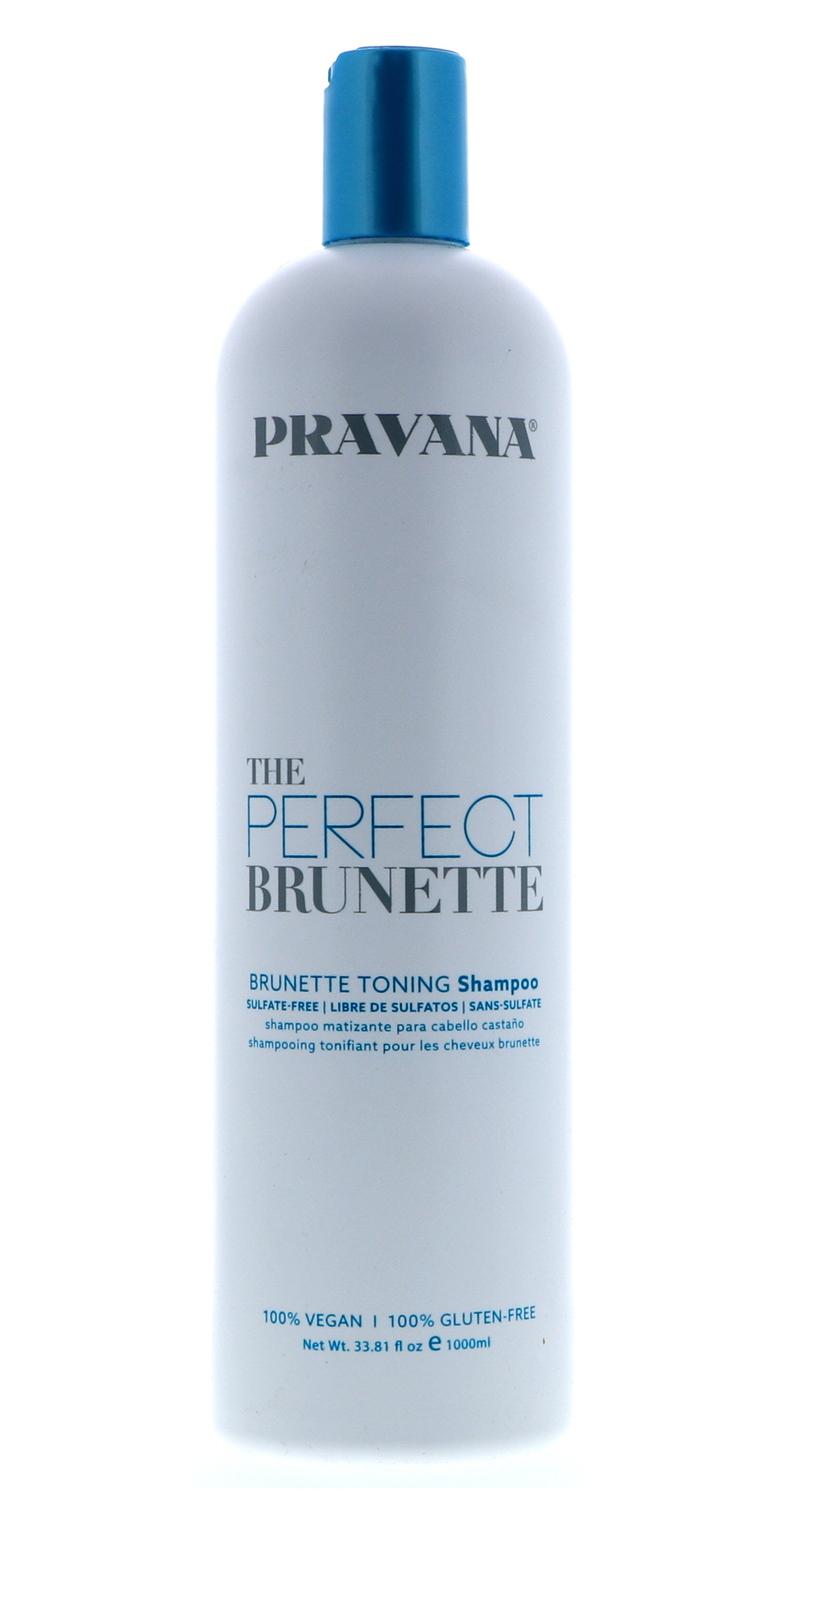 Pravana The Perfect Brunette Shampoo 33.8oz  - $51.18